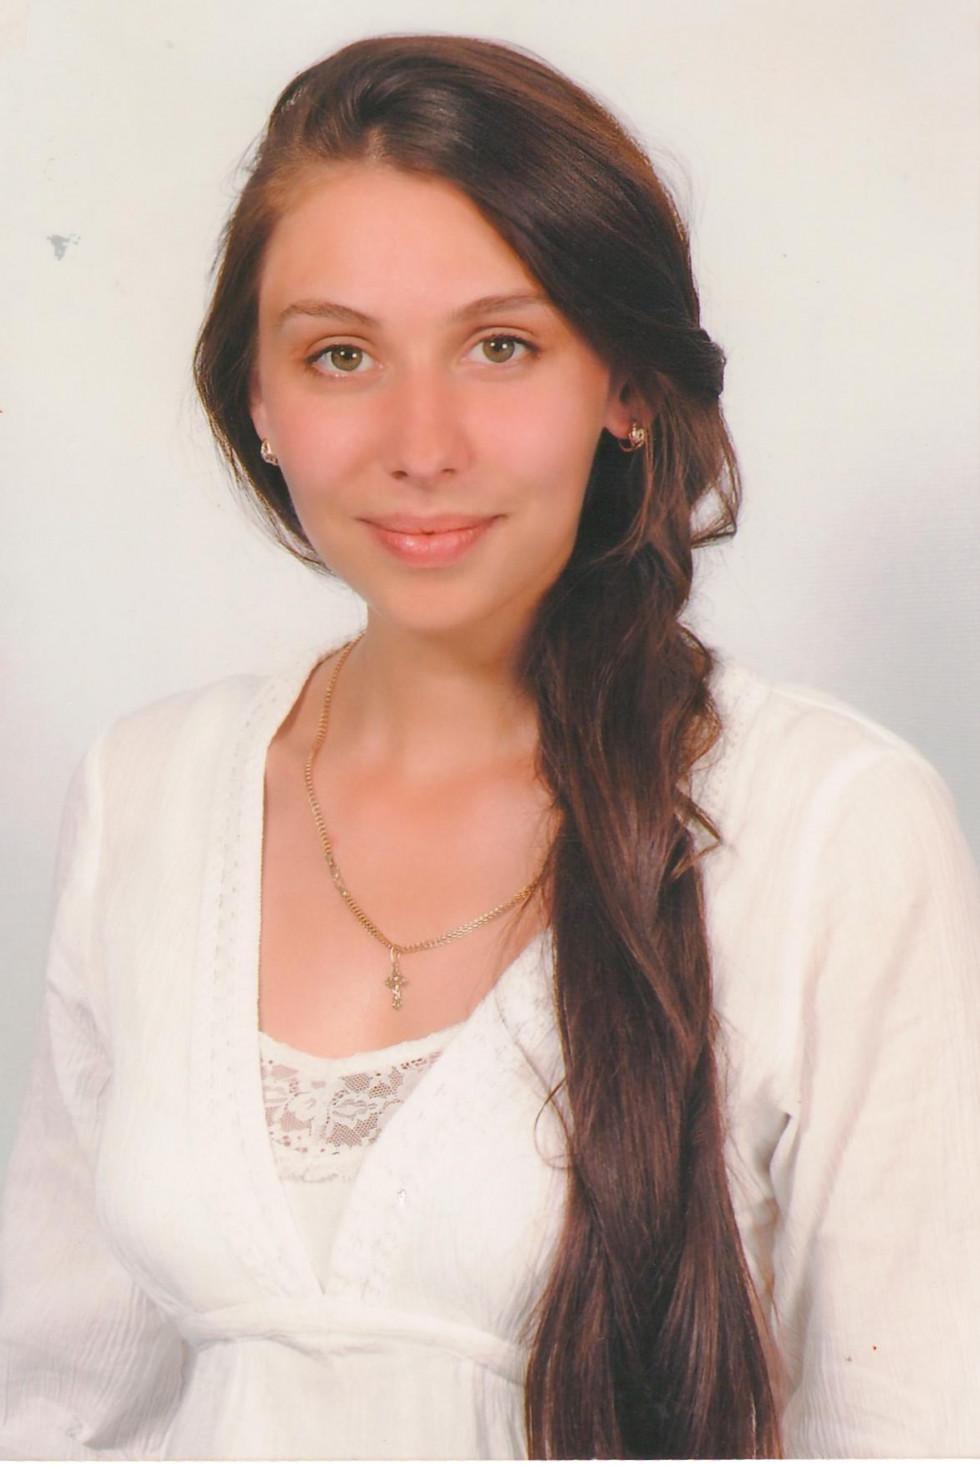 Прасюк Валентина Юріївна